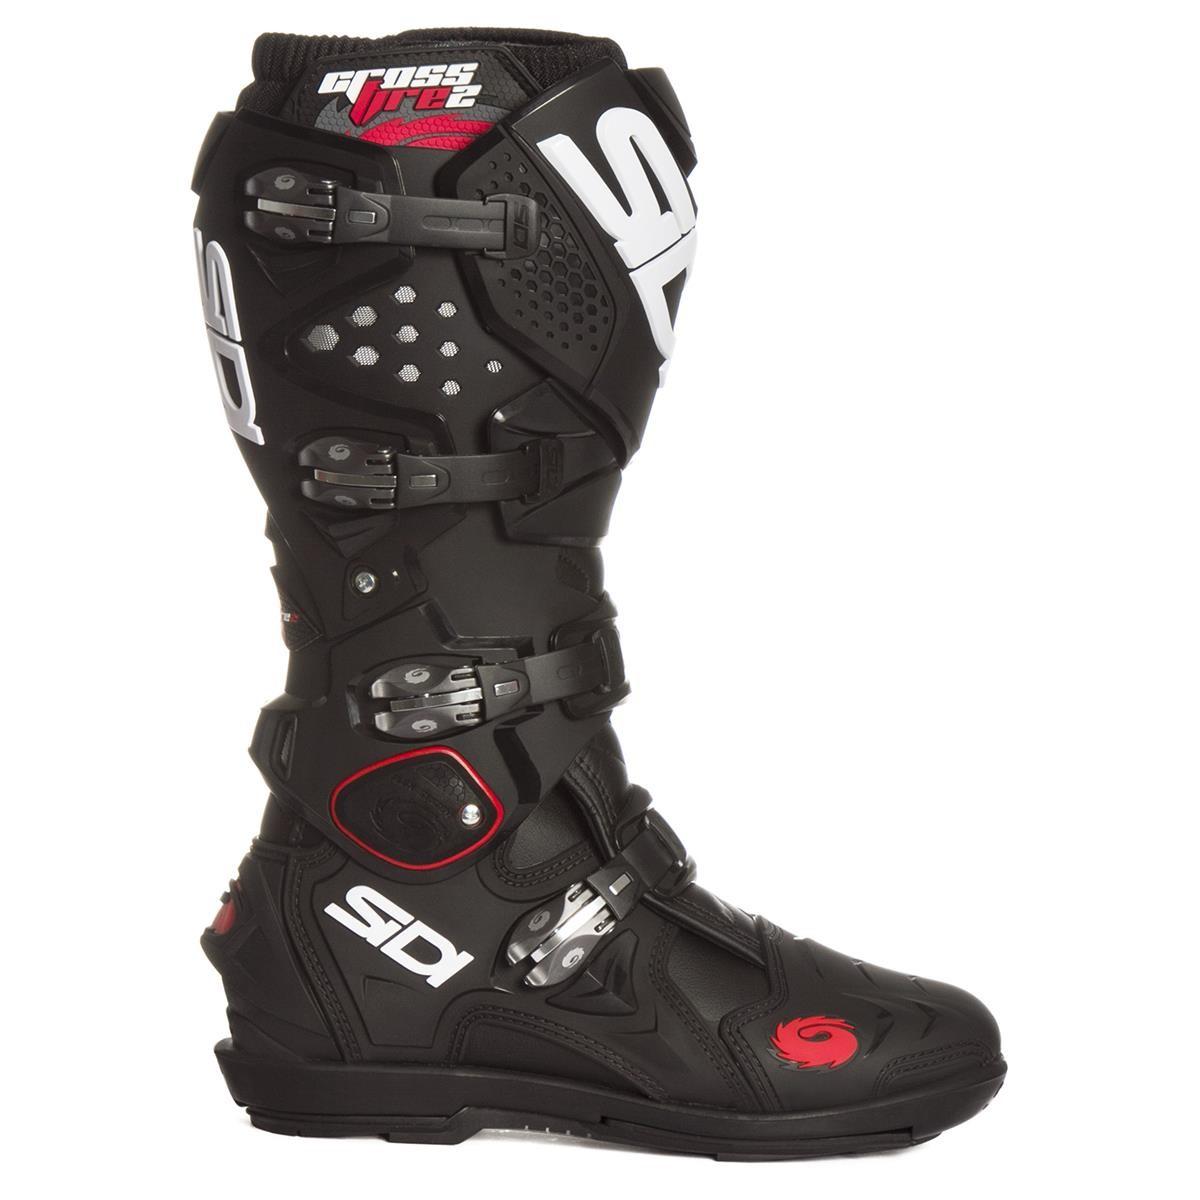 Srs Stiefel Sidi Motocross 2 Schwarz Crossfire wZikXTlOPu